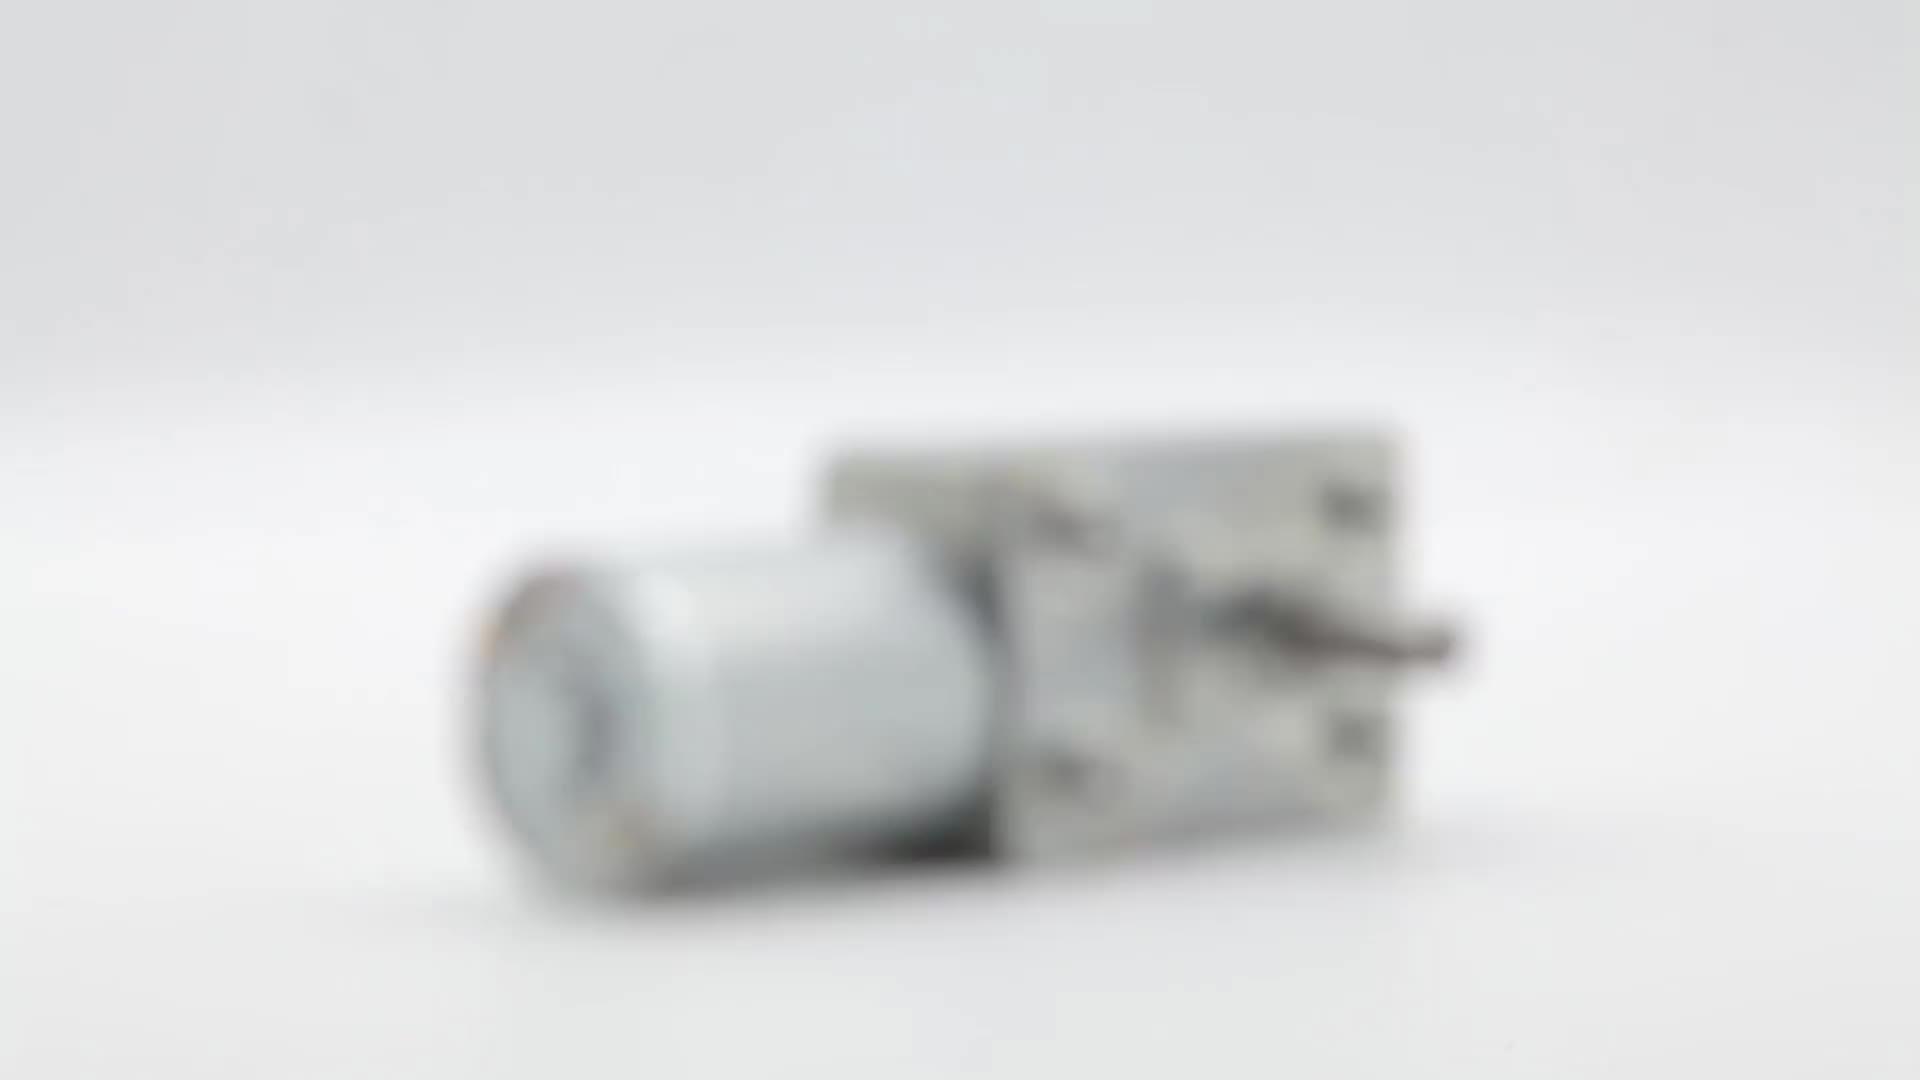 BringSmart JGY-370 12 فولت محرك بتيار مستمر 6 فولت مايكرو دودة موتور تروس عكس عزم دوران عالية المخفض الذاتي قفل 12 فولت محرك 24 فولت محرك كهربائي